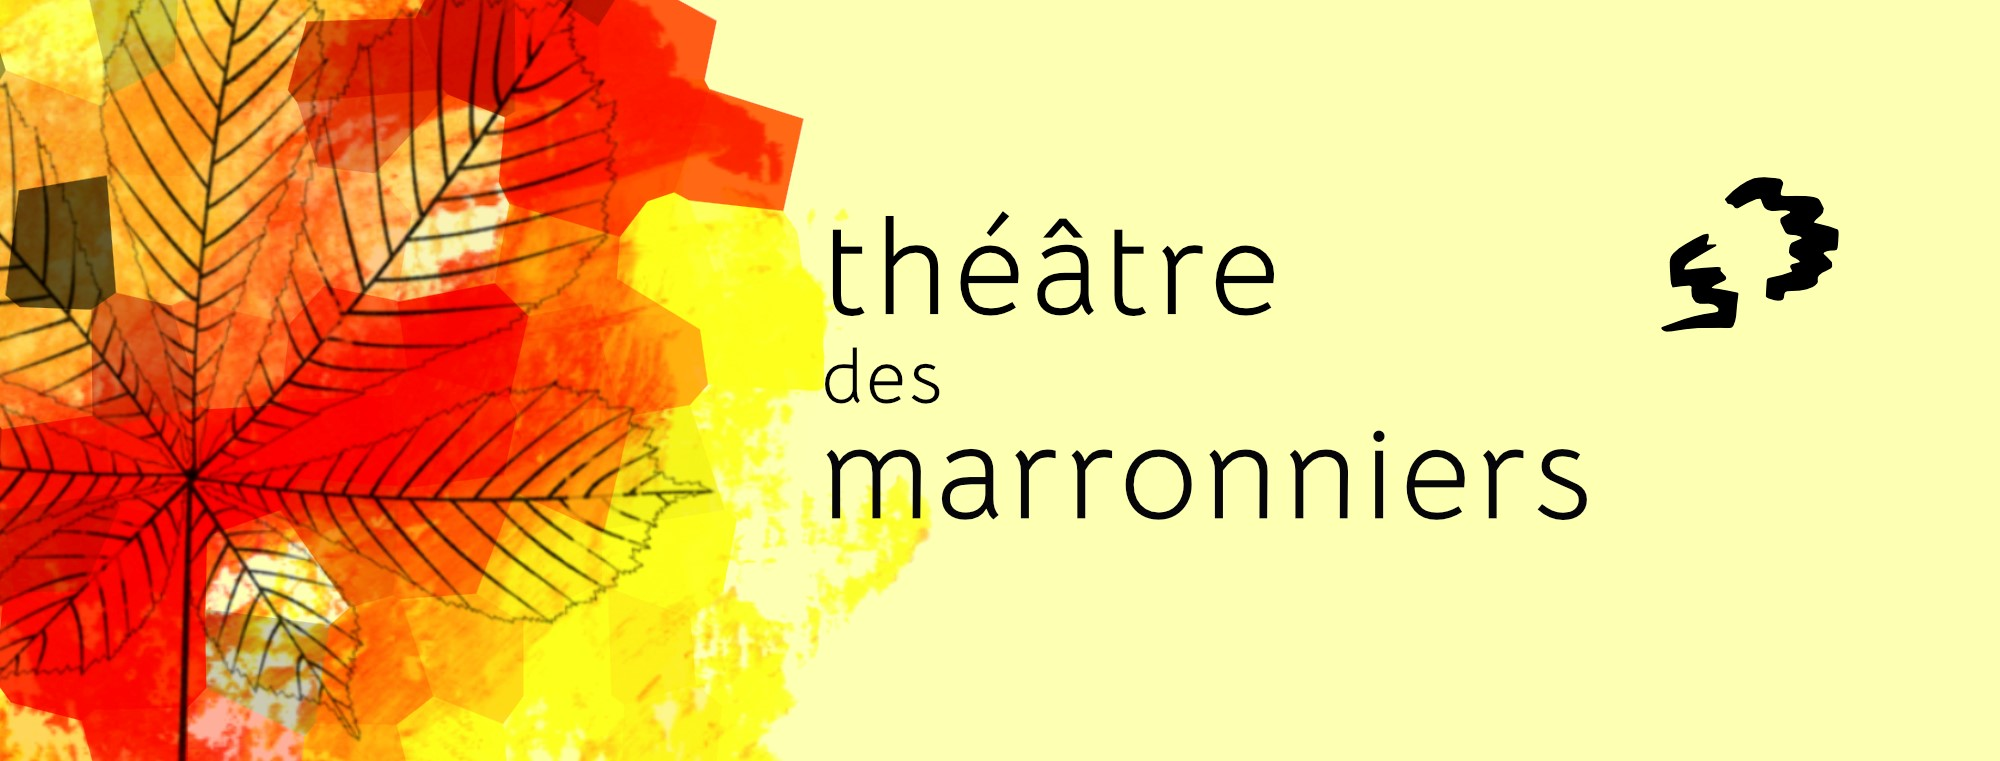 Théâtre des marronniers